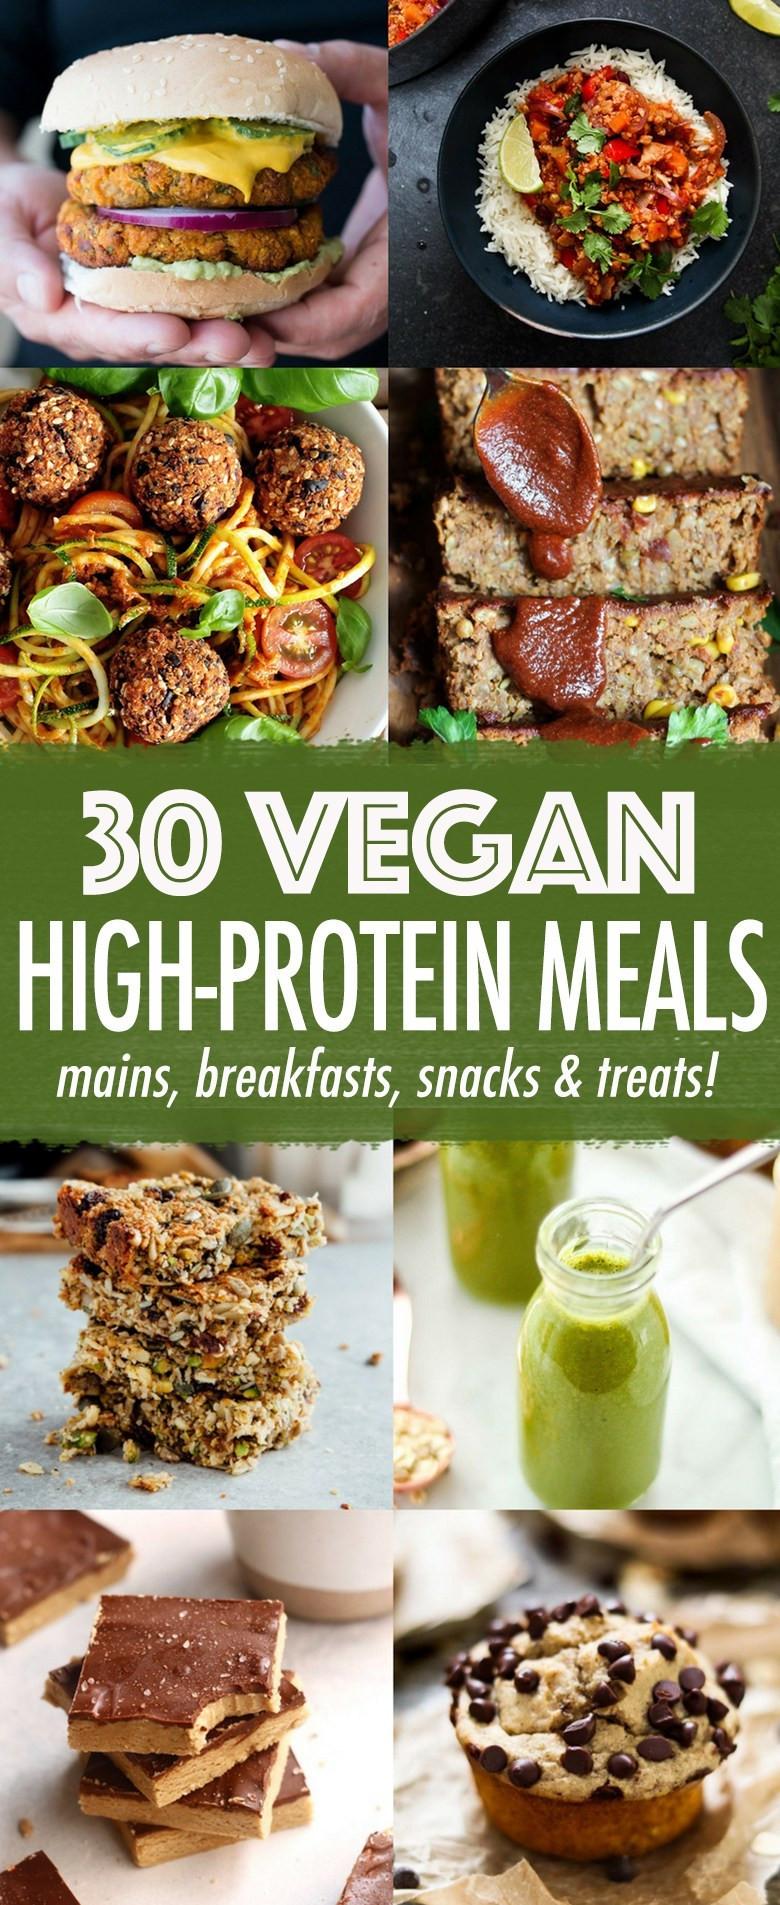 High Protein Vegetarian Meals  30 High protein Vegan Meals Wallflower Kitchen